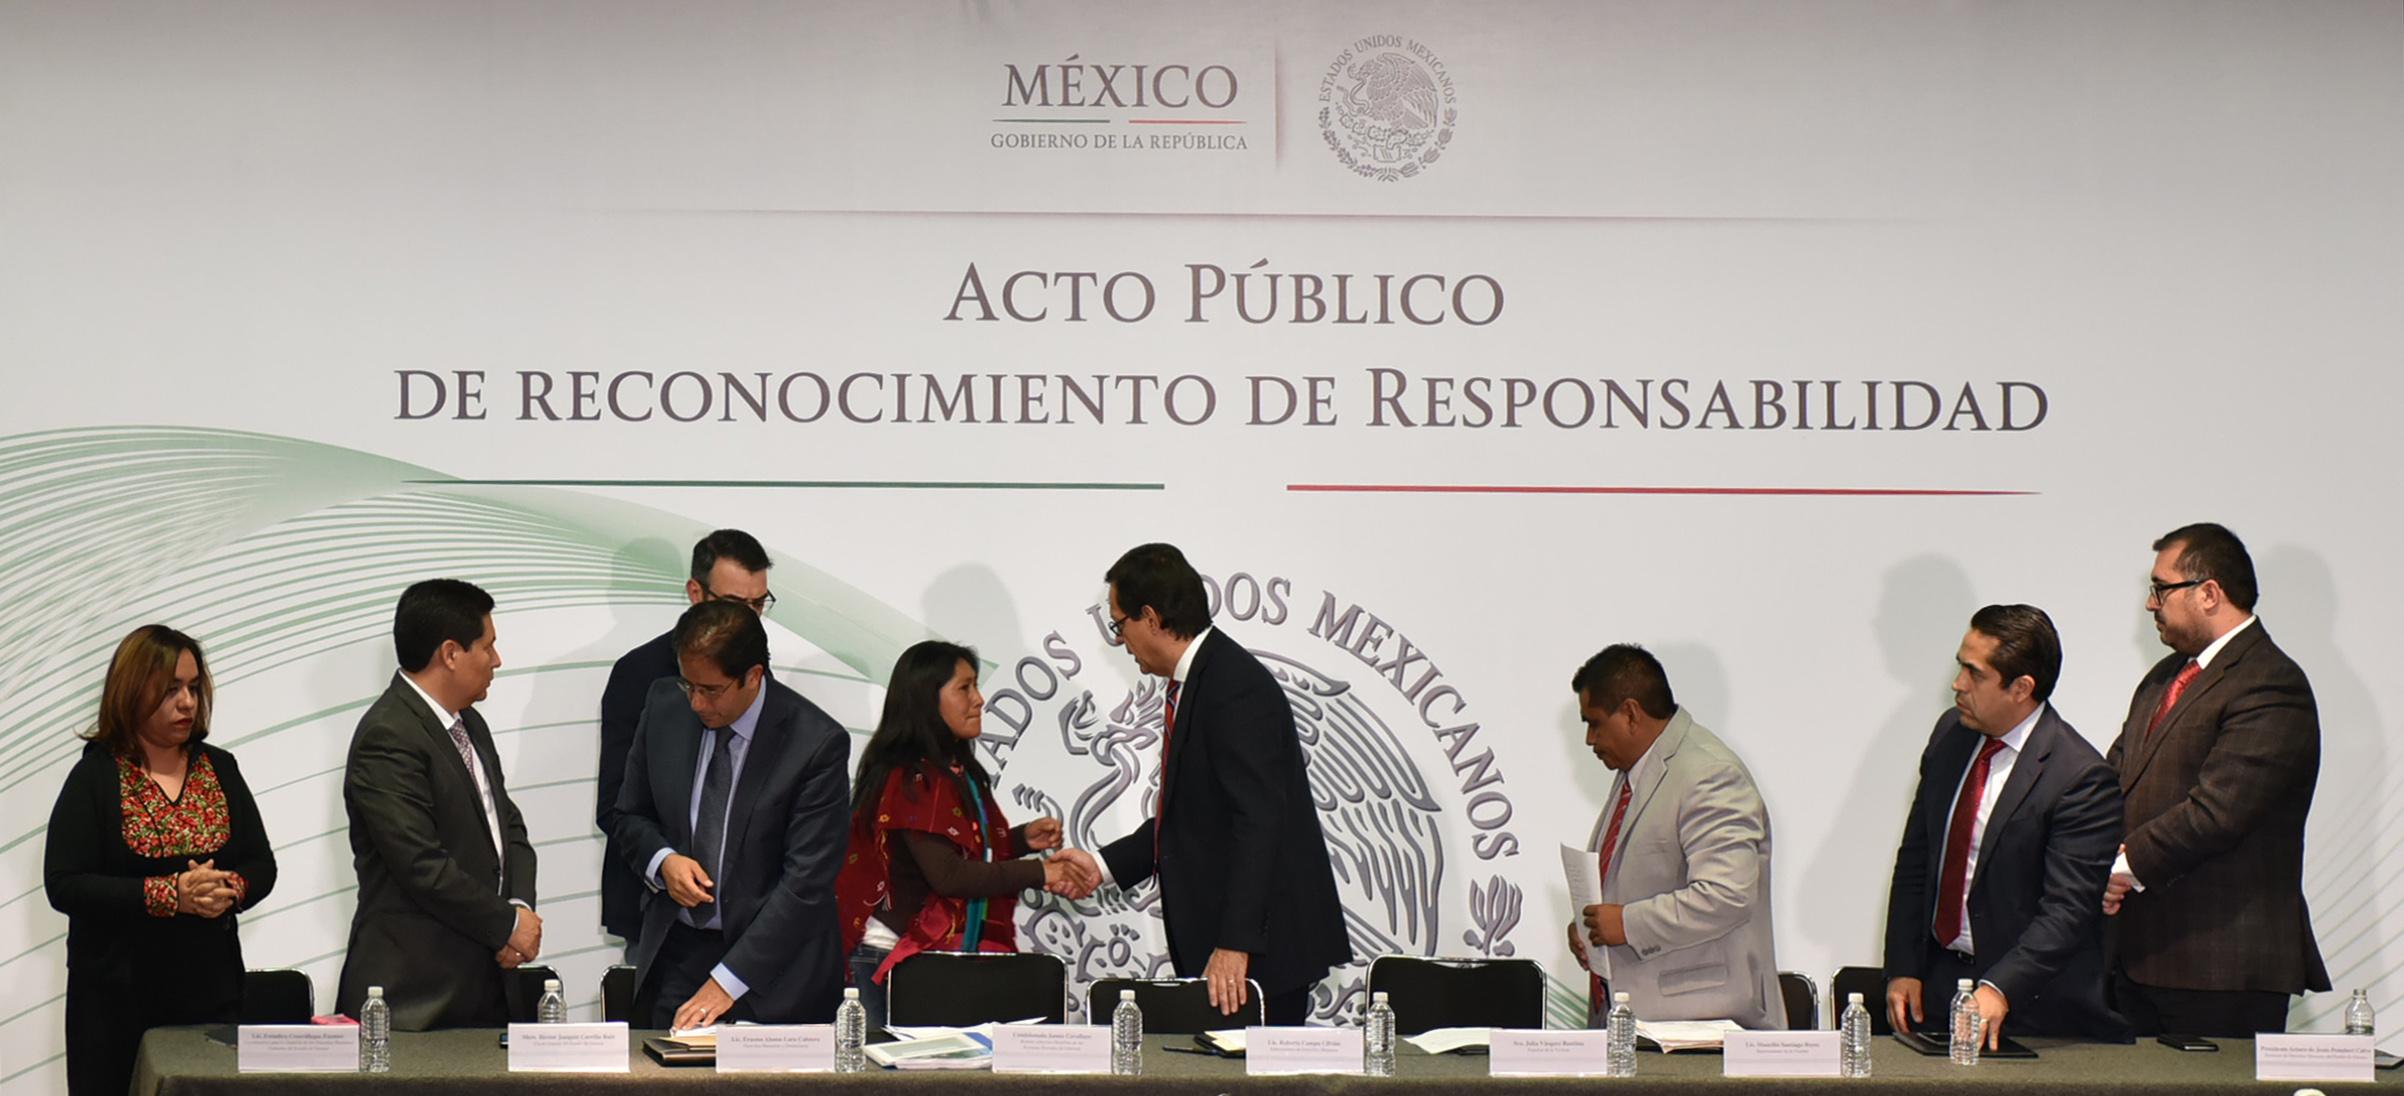 El Subsecretario de Derechos Humanos, Roberto Campa Cifrián, una disculpa pública a nombre del Estado mexicano.